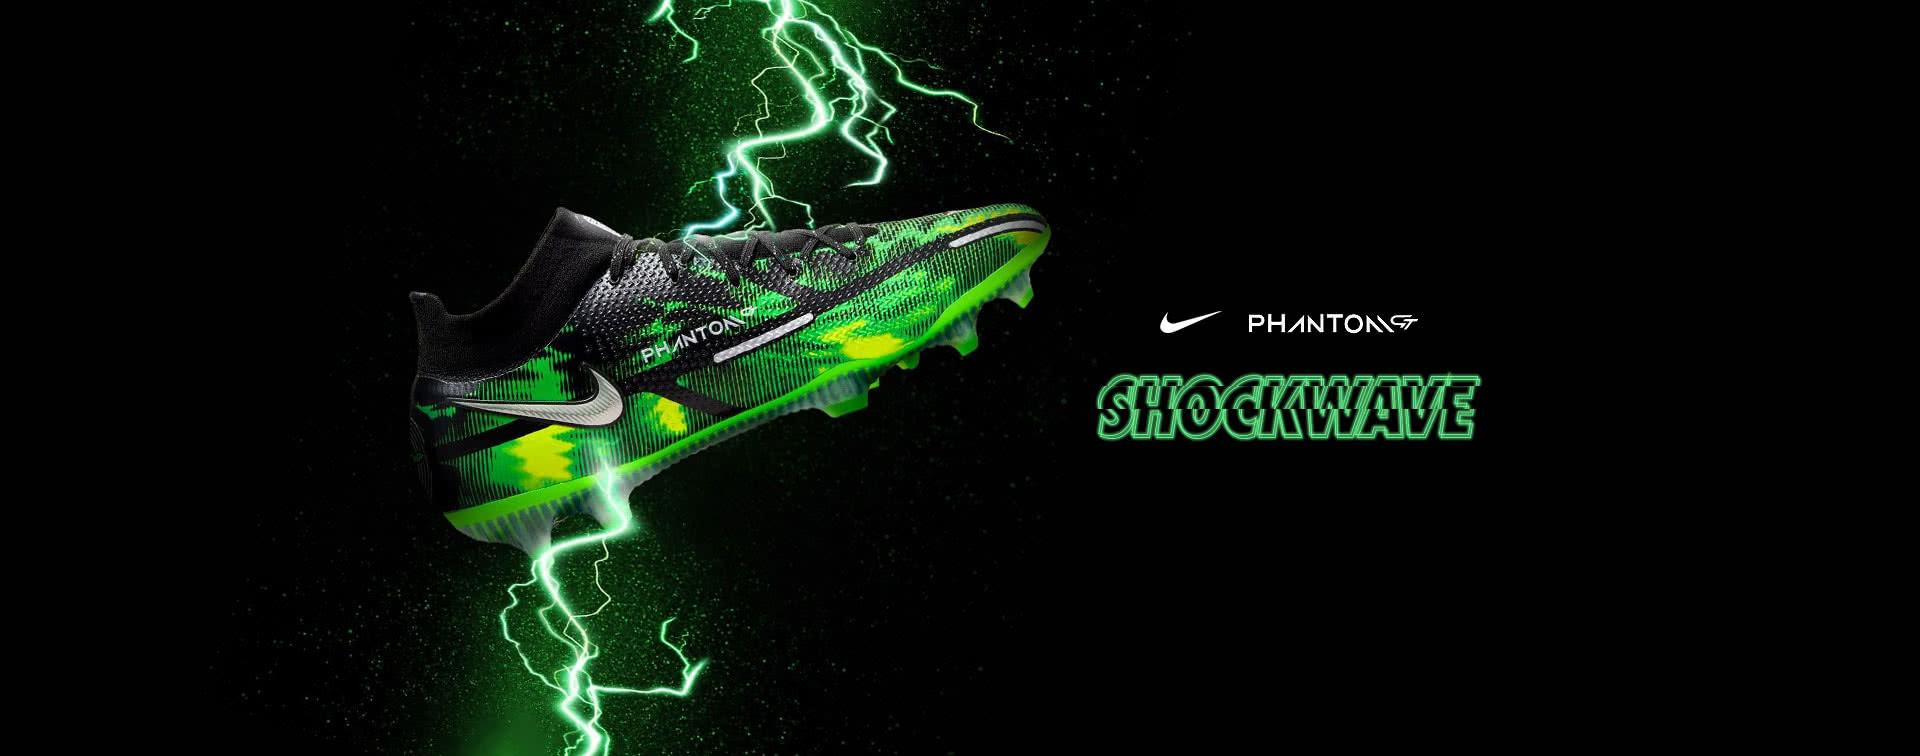 Nike Phantom Shockwave